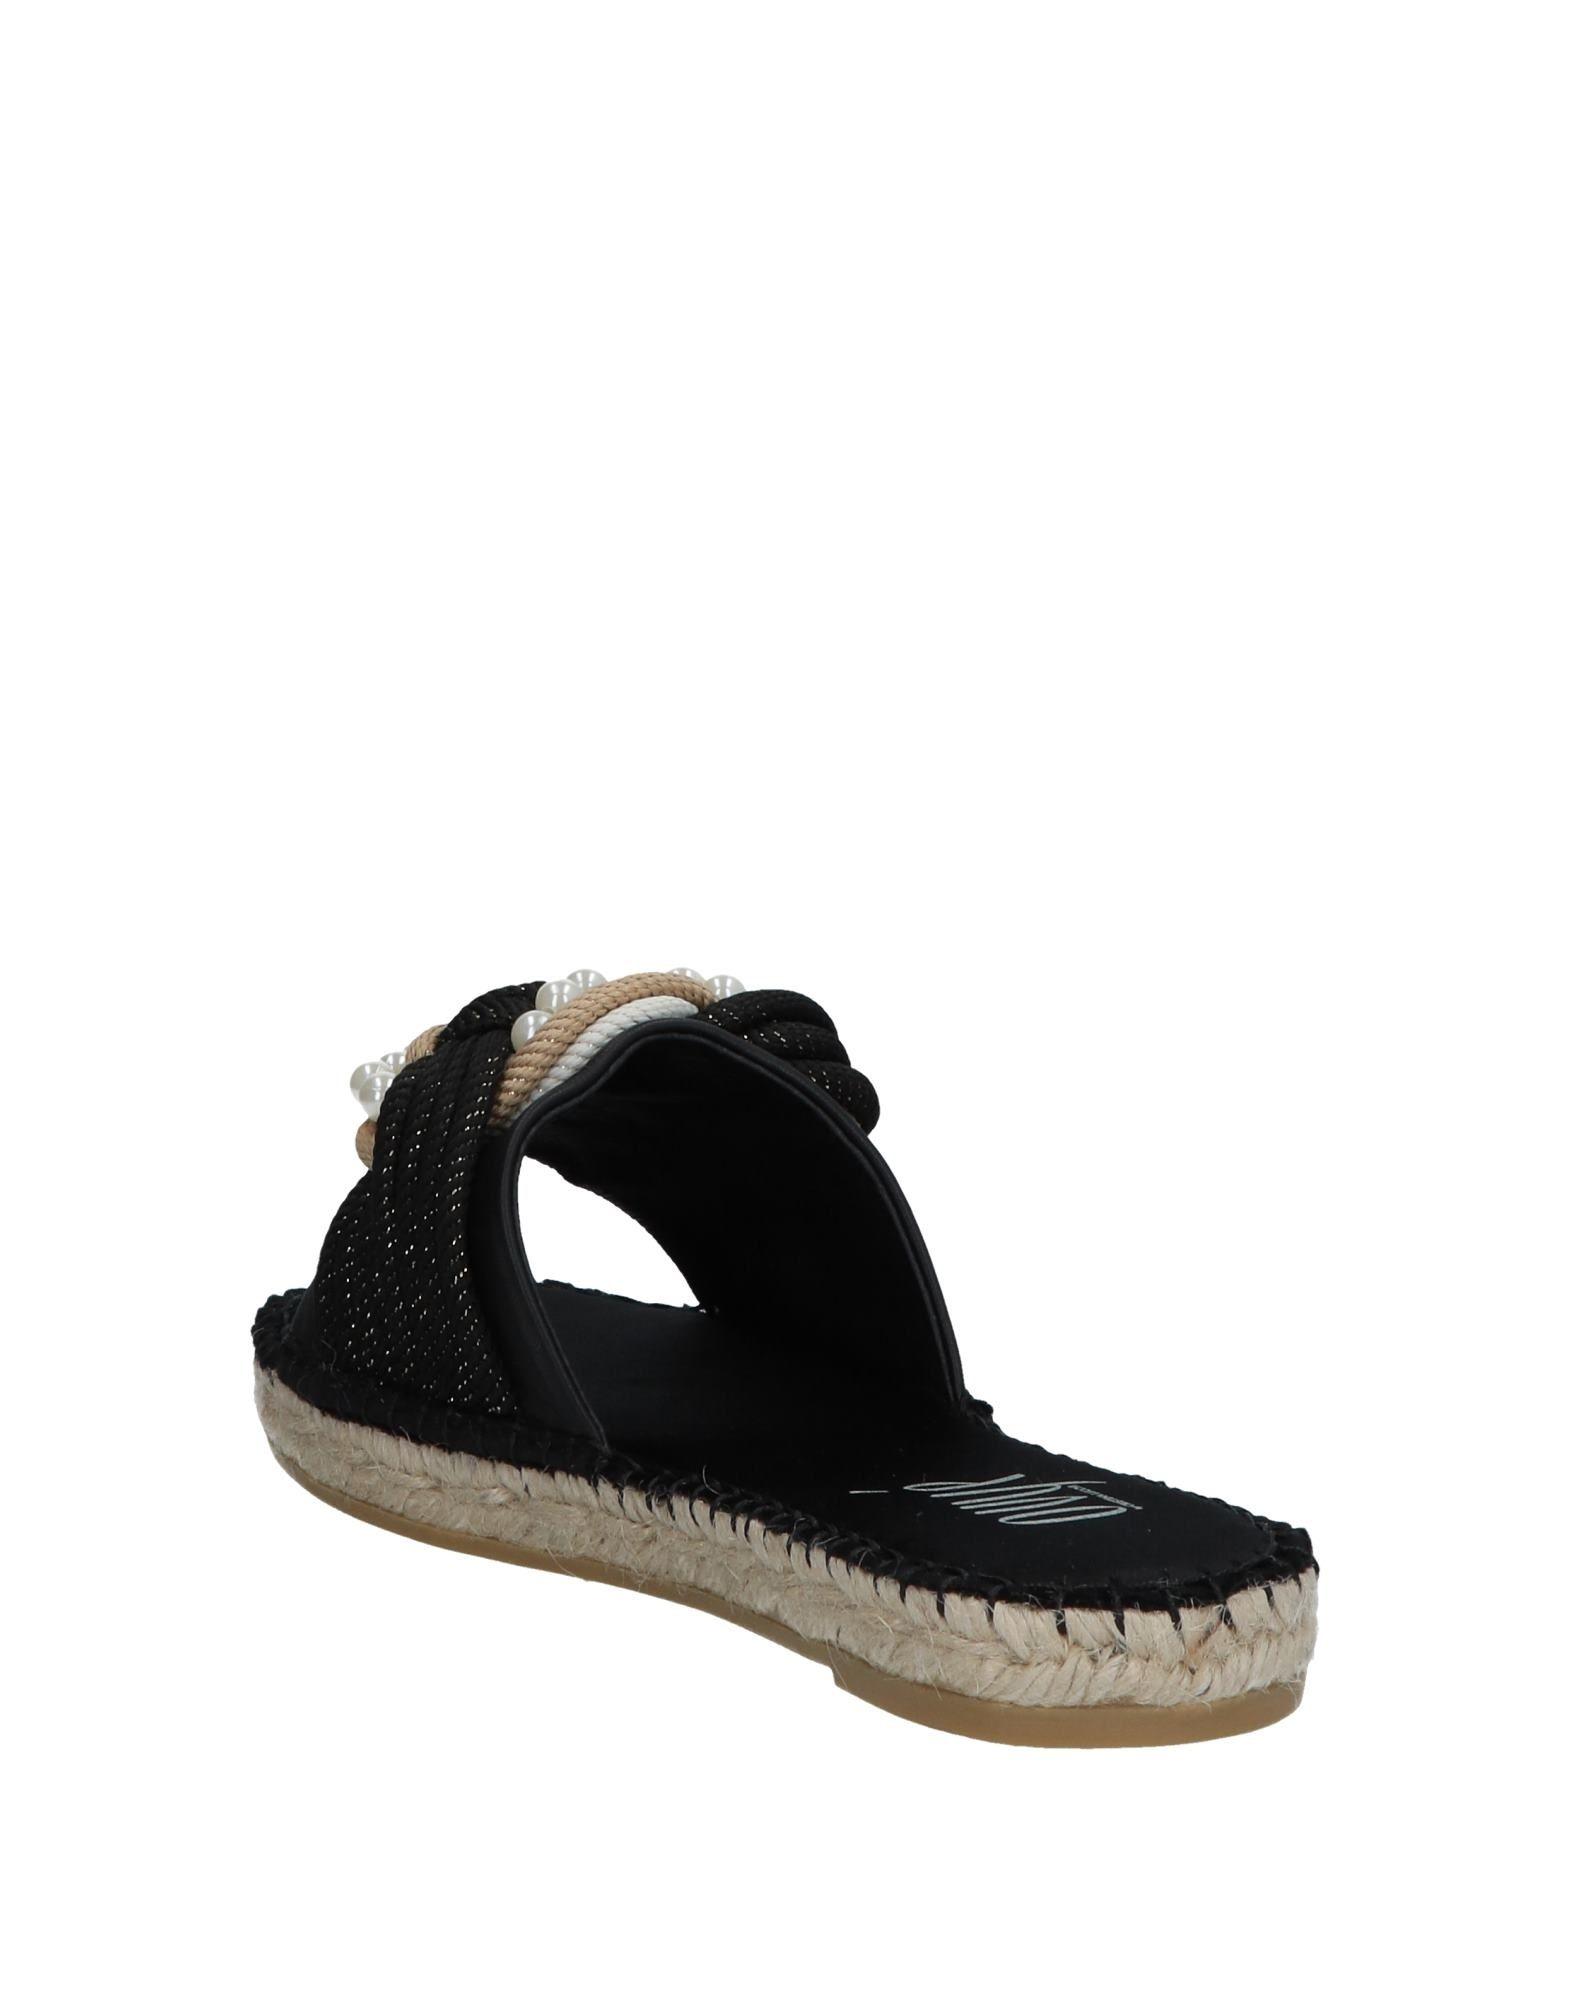 ovye & # # # 39; par cristina lucchi sandales - femmes ovye & # 39; par cristina lucchi 11569412sk sandales en ligne le royaume - uni - baf7d9